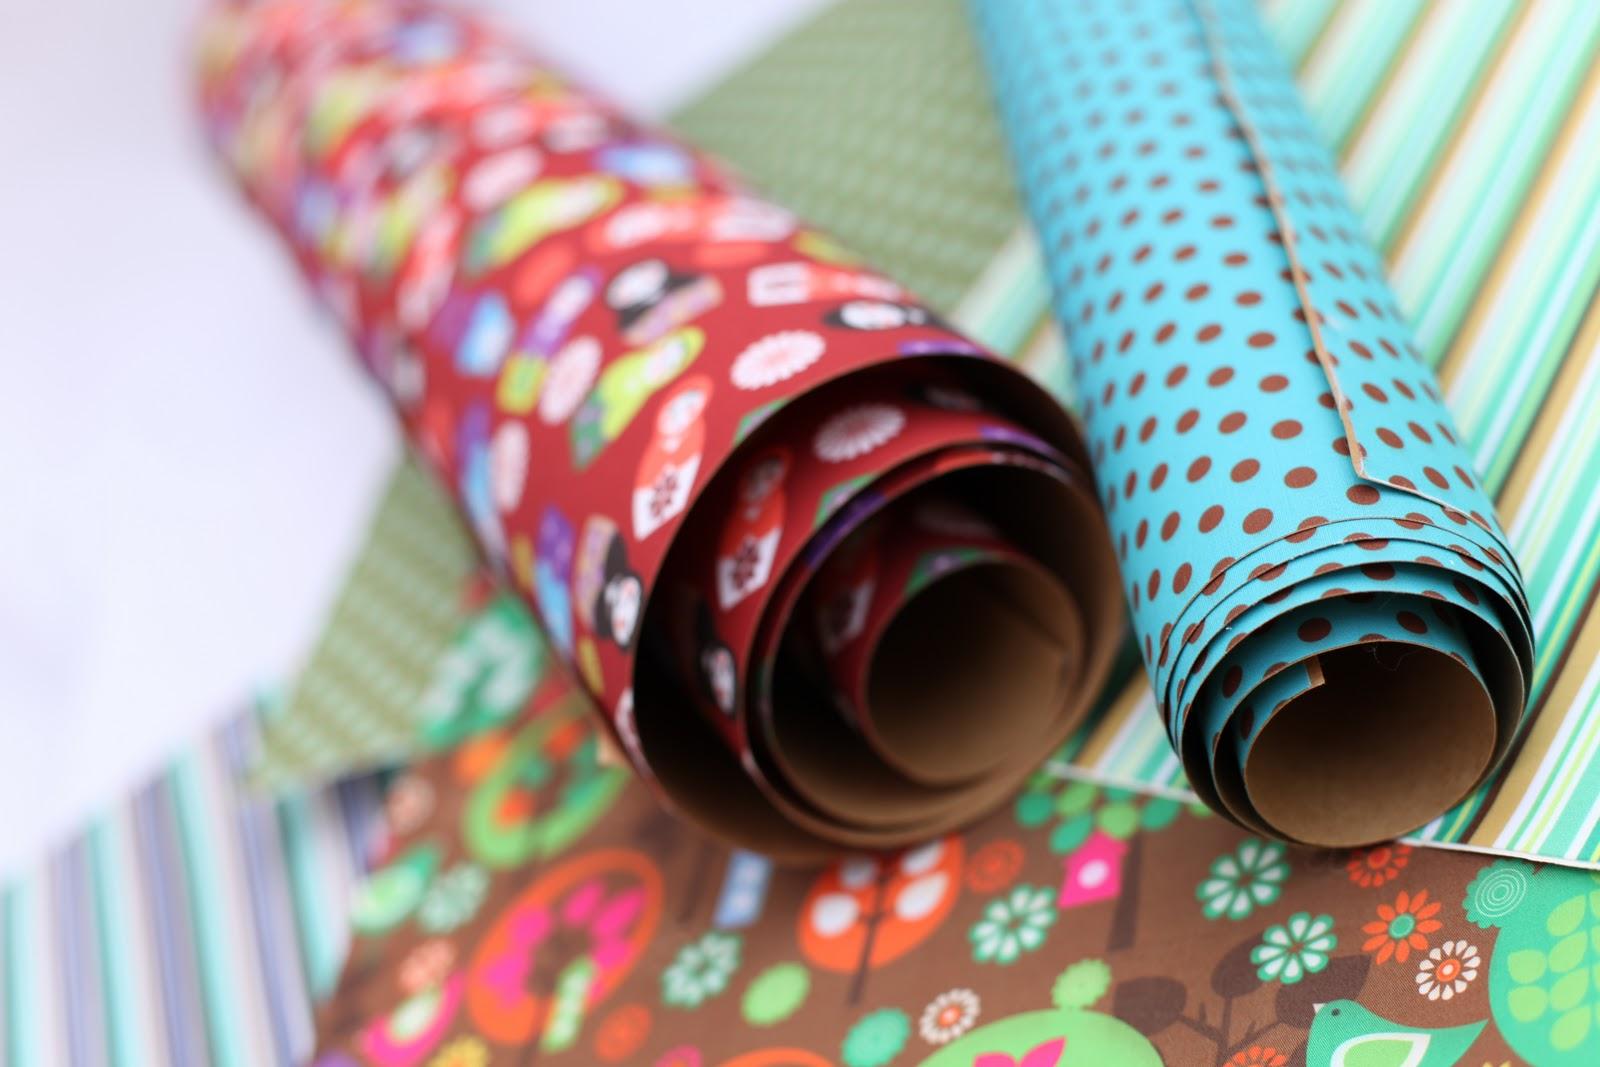 Santa Composição traz à Curitiba tecidos adesivos da marca Flok  #2B96A0 1600x1067